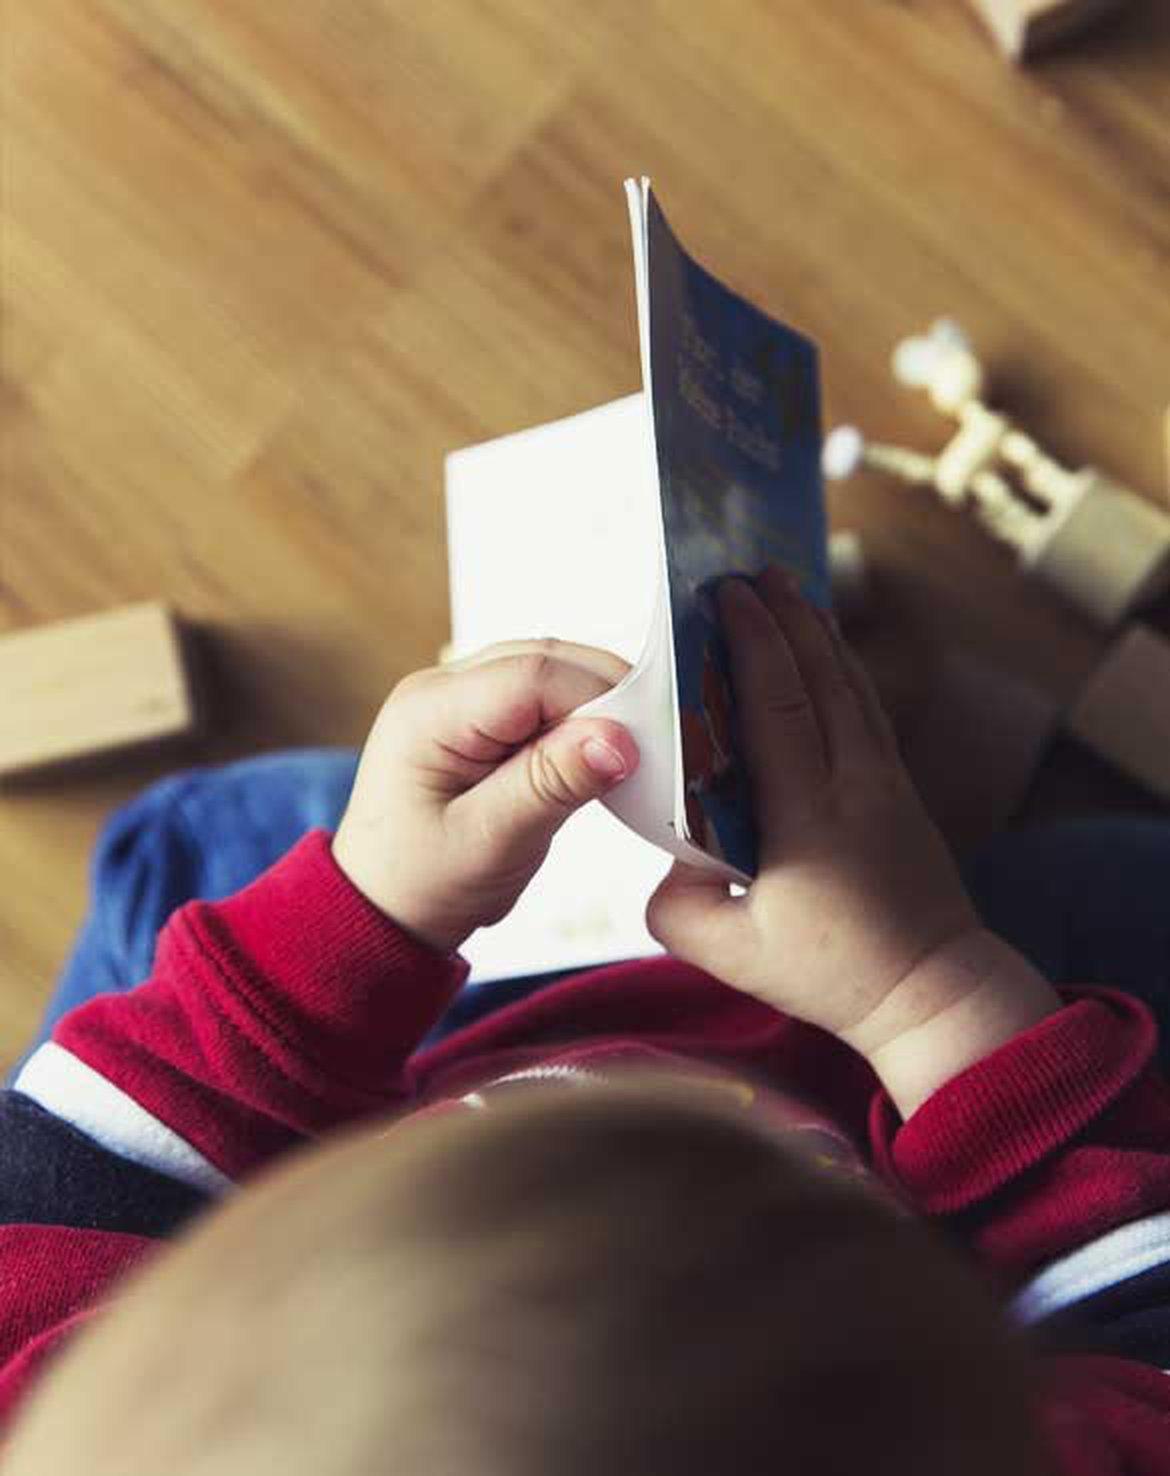 Jeux Éducatifs : Des Idées D'activités Pour Toute La Famille destiné Jeux Pour Jeunes Enfants